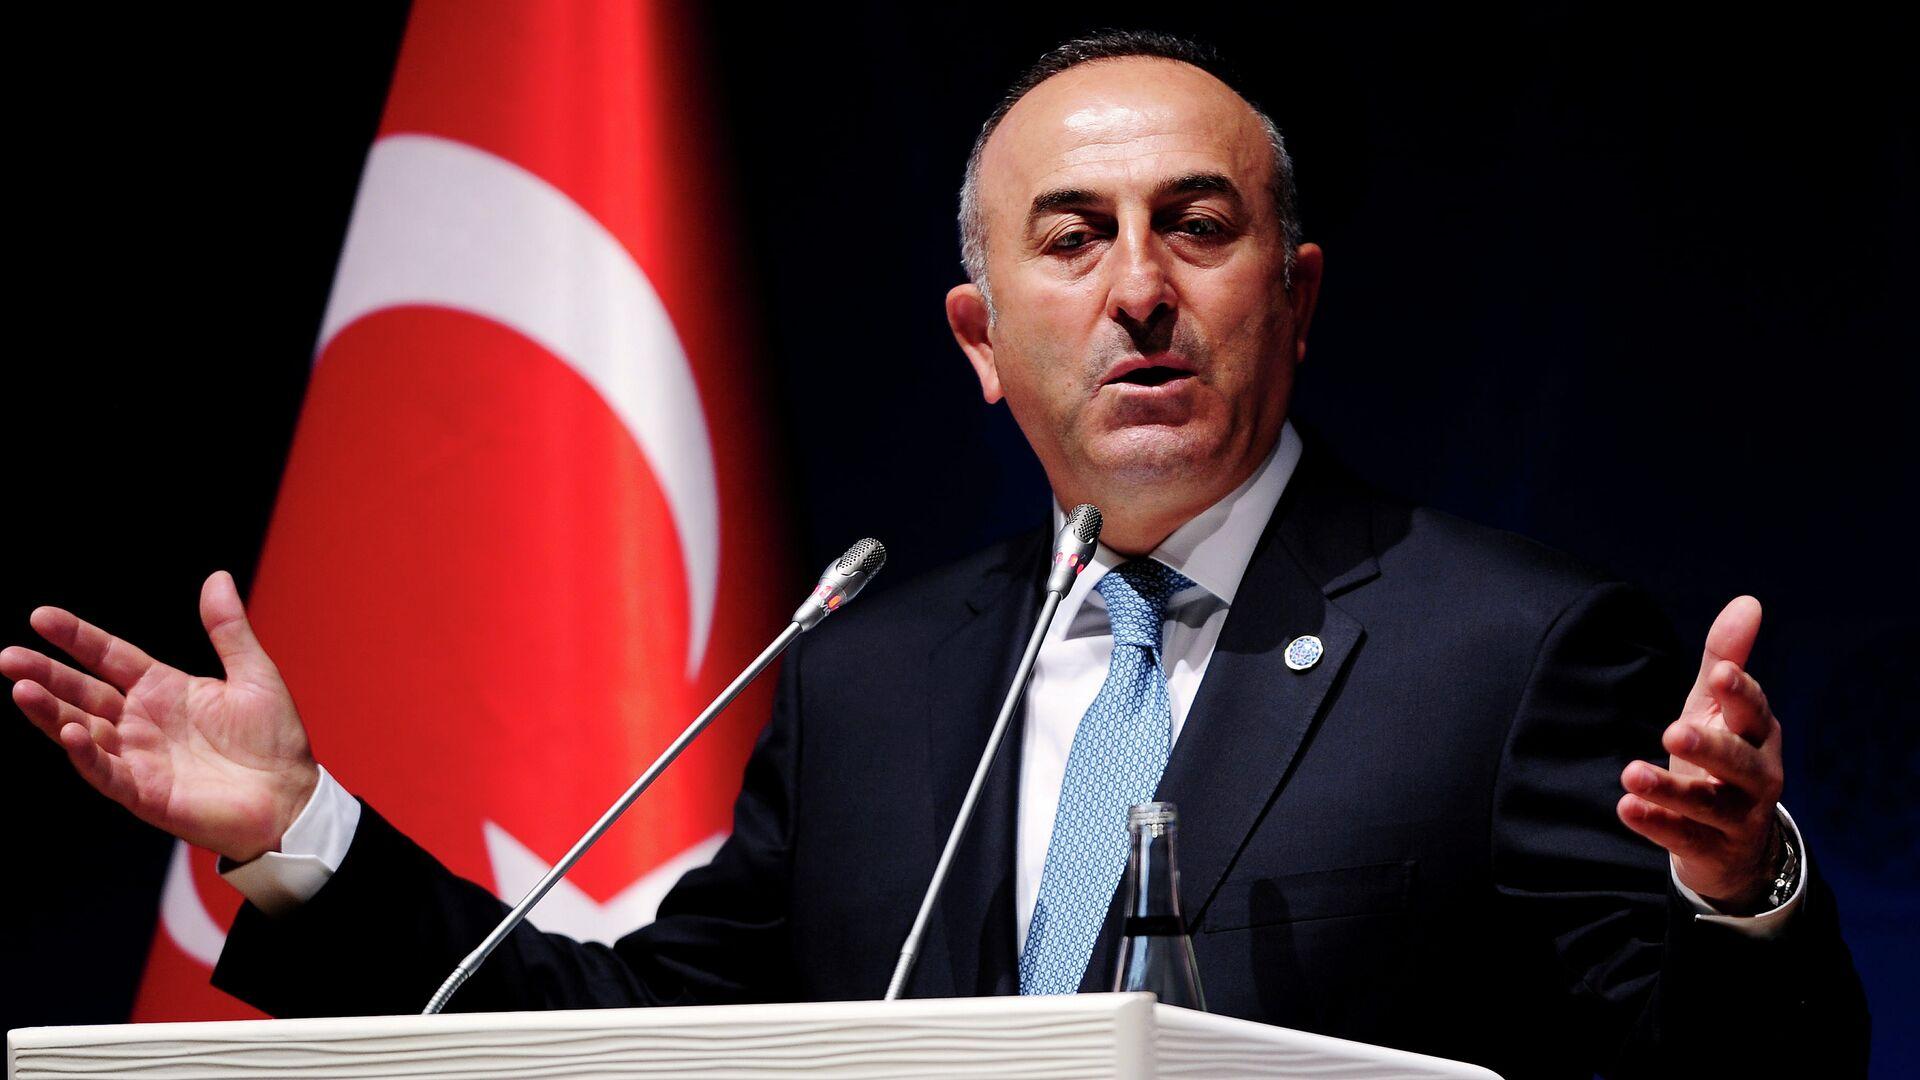 Ministro degli Esteri turco Mevlut Cavusoglu - Sputnik Italia, 1920, 11.06.2021